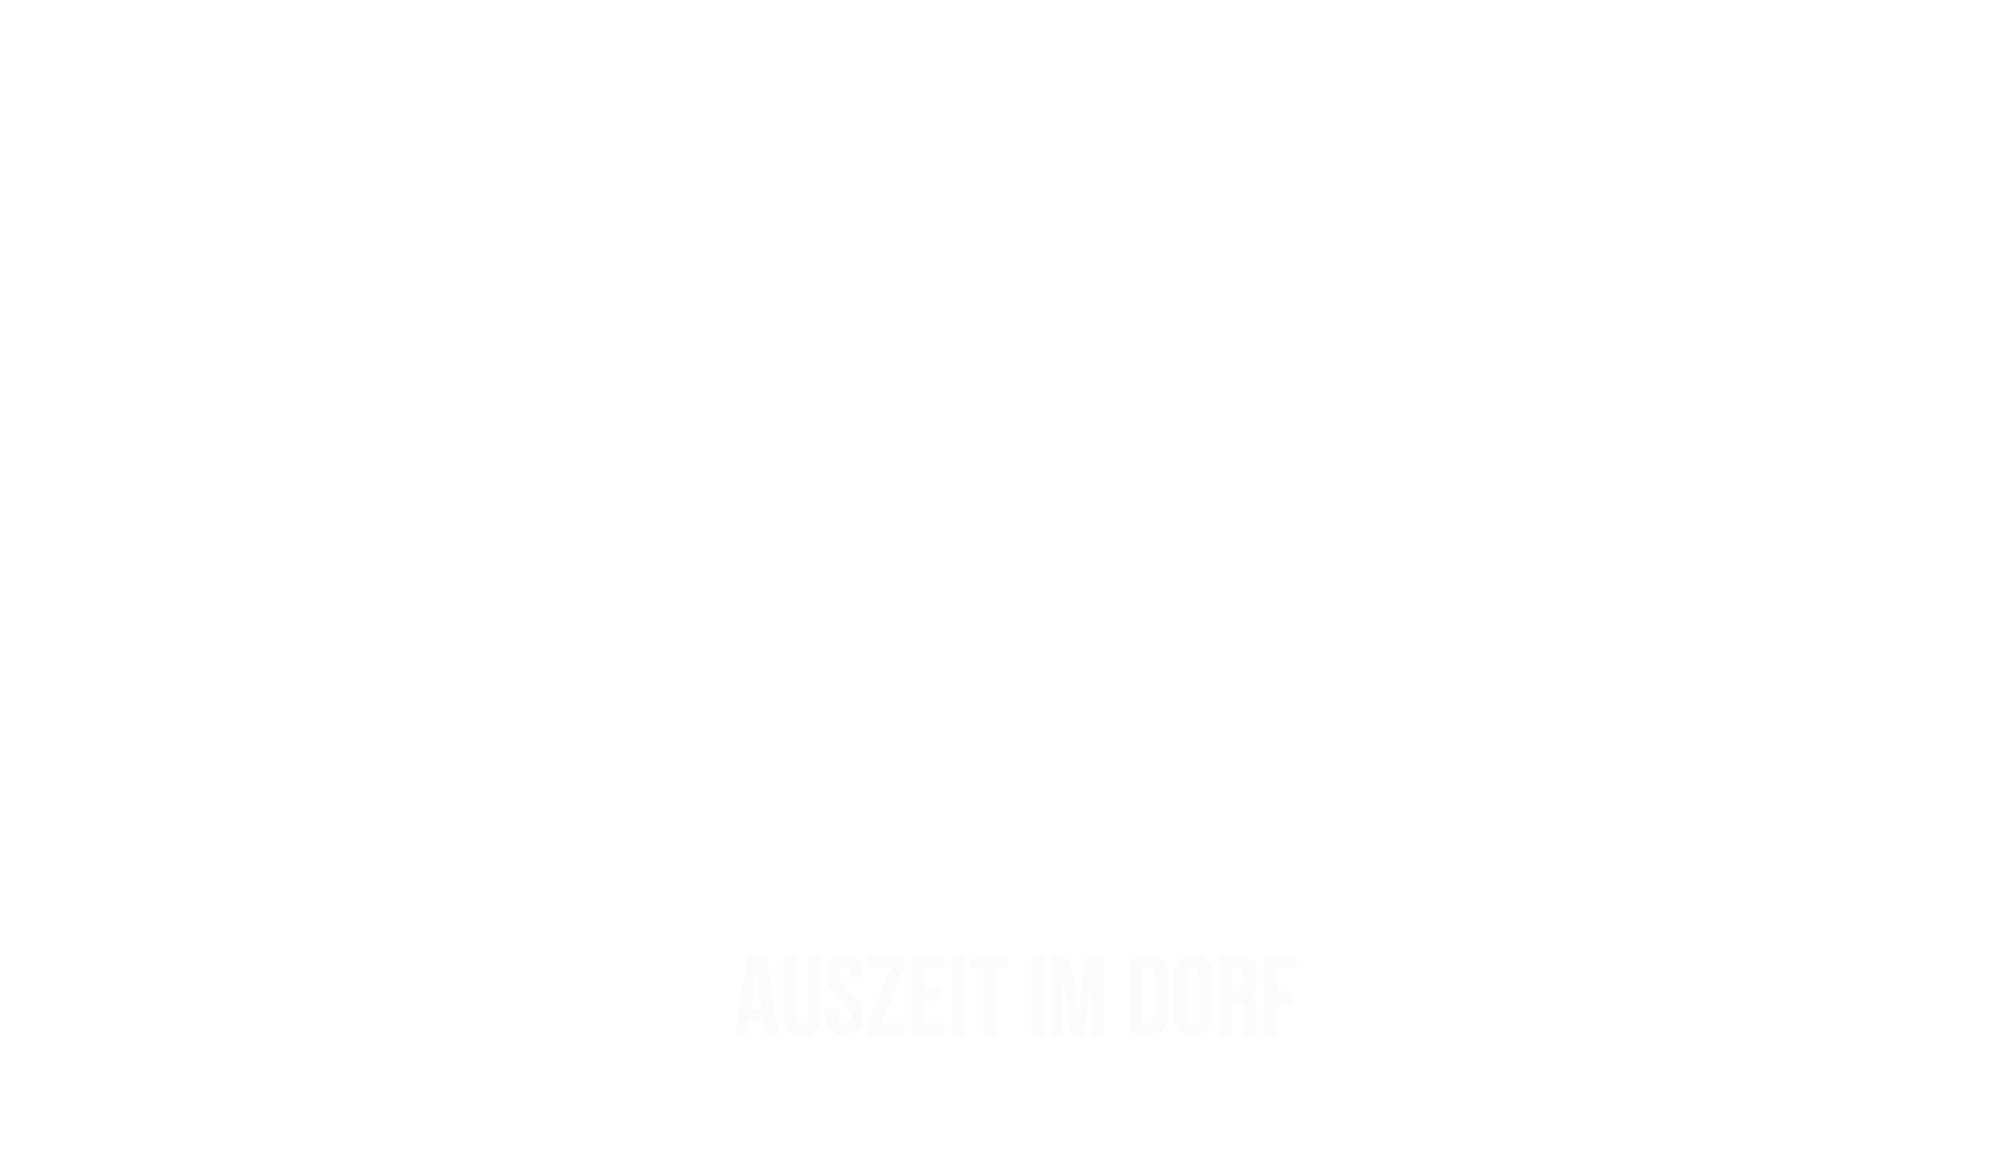 Dorf-02